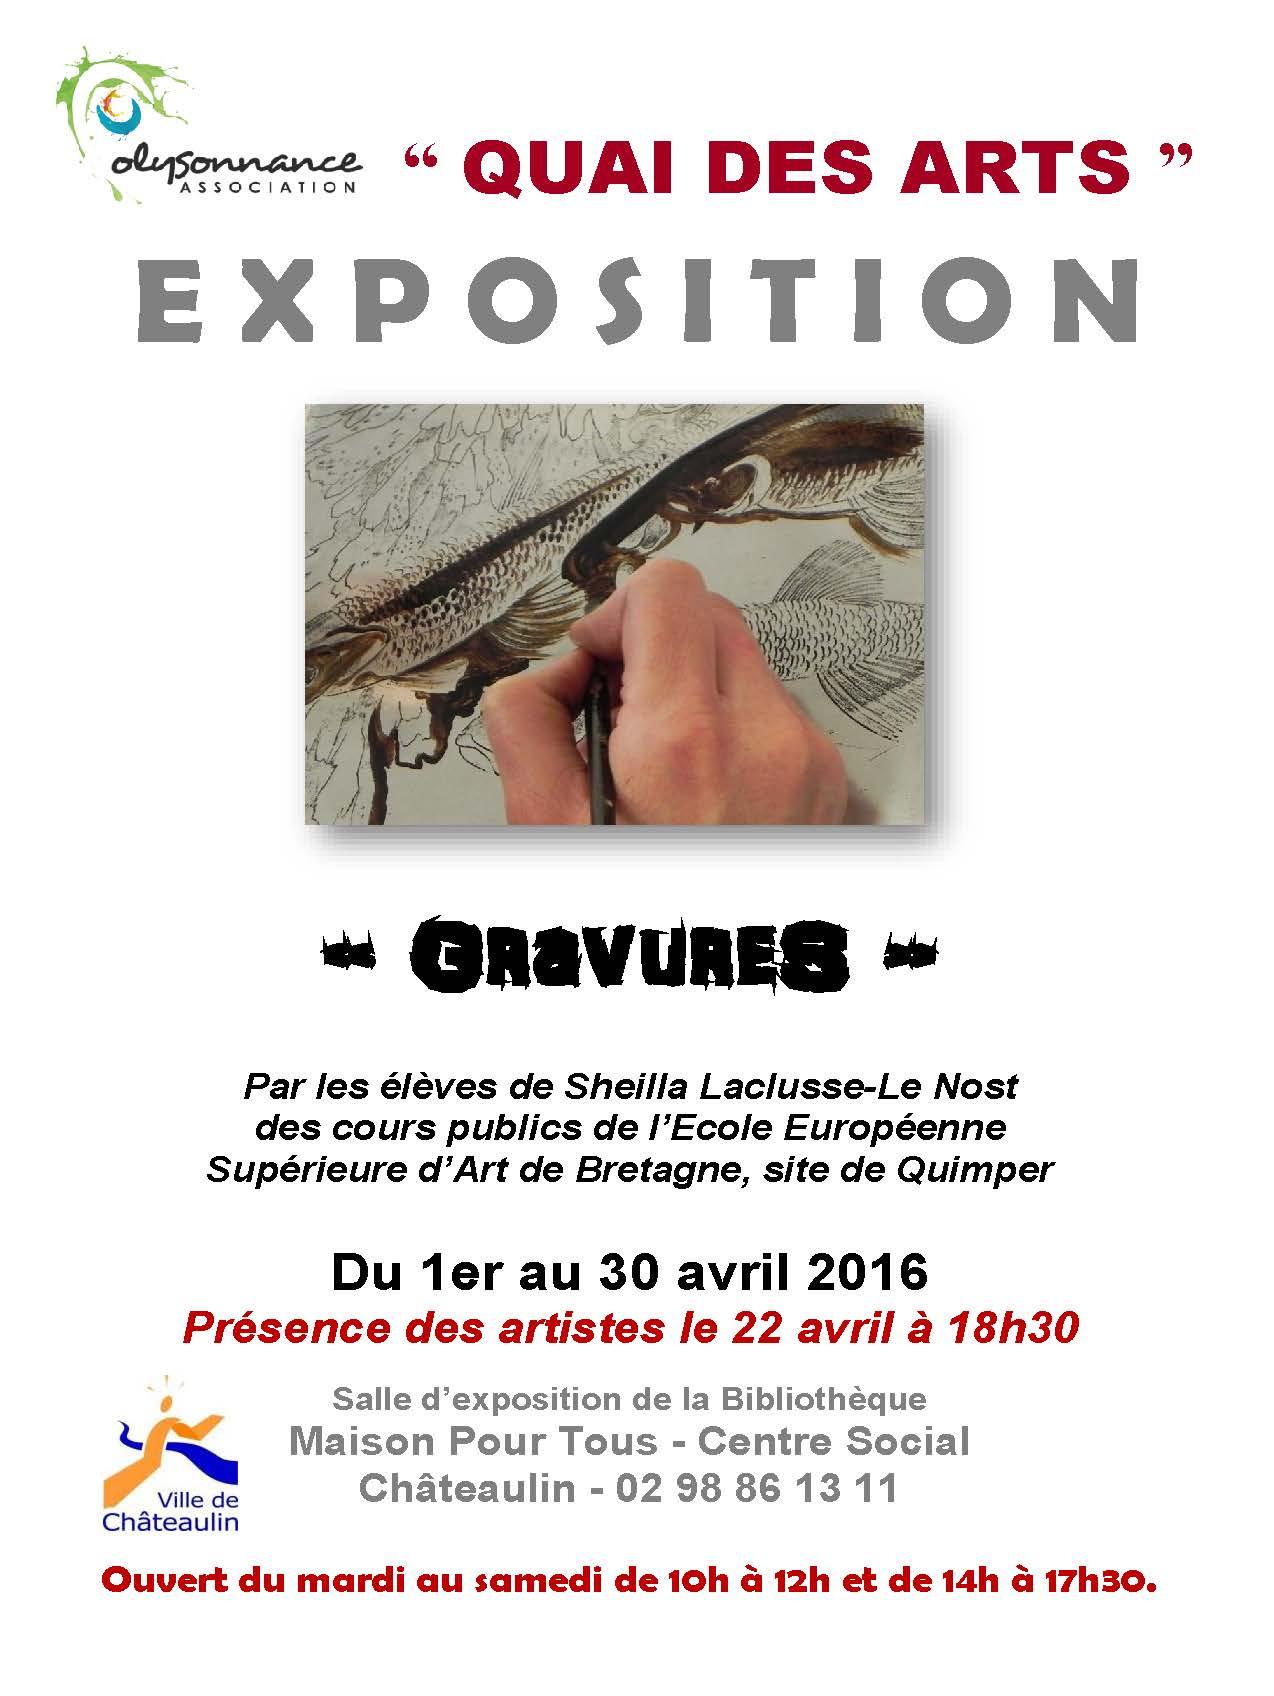 QUAI DES ARTS : EXPOSITION DU 4 AVRIL AU 30 AVRIL (travaux réalisés par les éleves des cours publics de l'Ecole Européenne Supérieure d'Art de Bretagne)